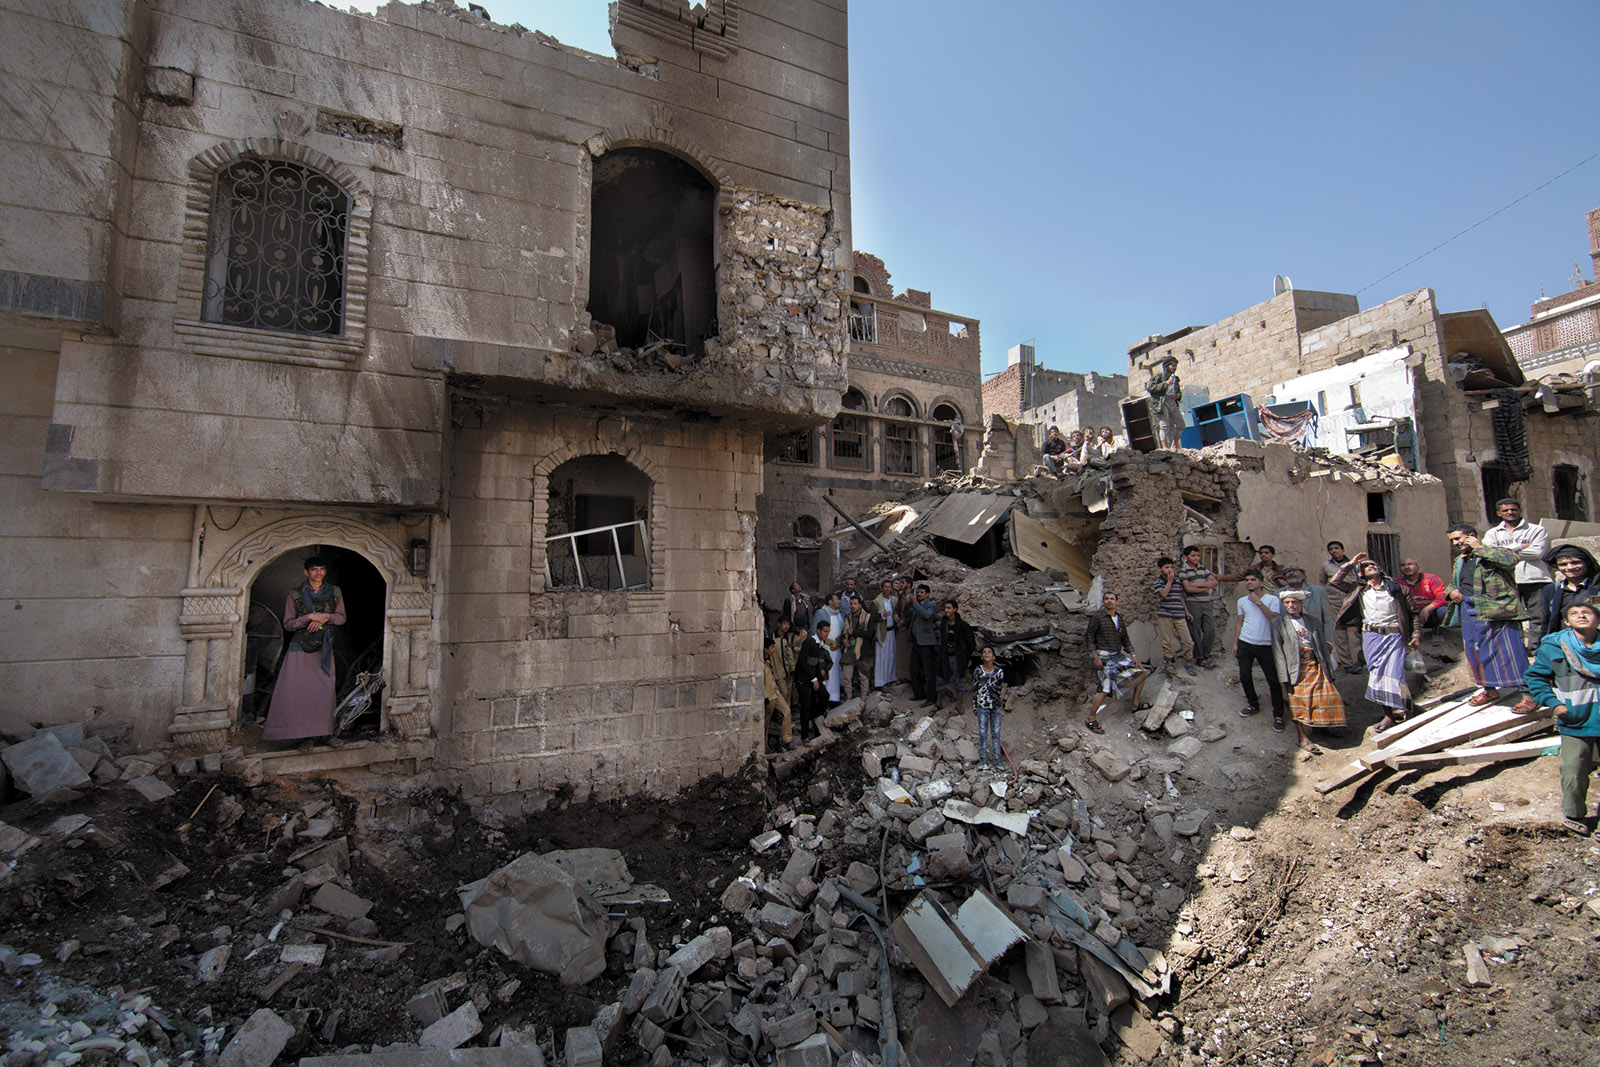 Damage from bombing by Saudi-led forces, Sanaa, Yemen, November 2017